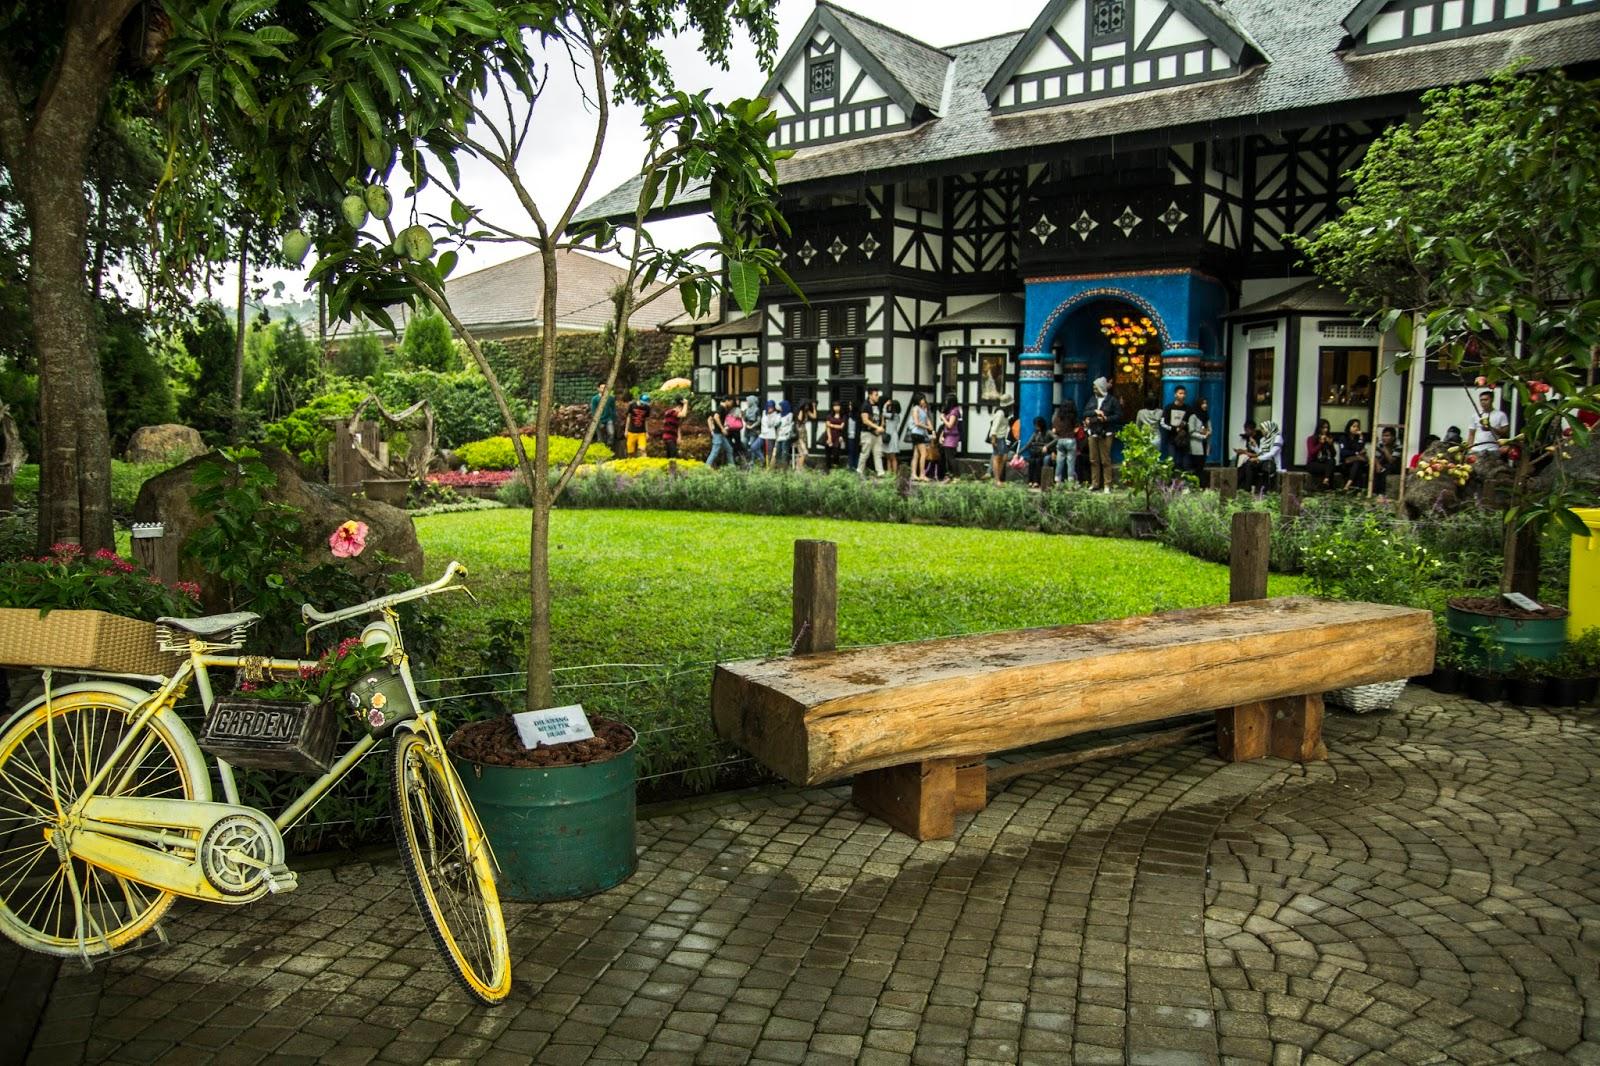 3 Wisata Edukasi yang Mendidik di Indonesia